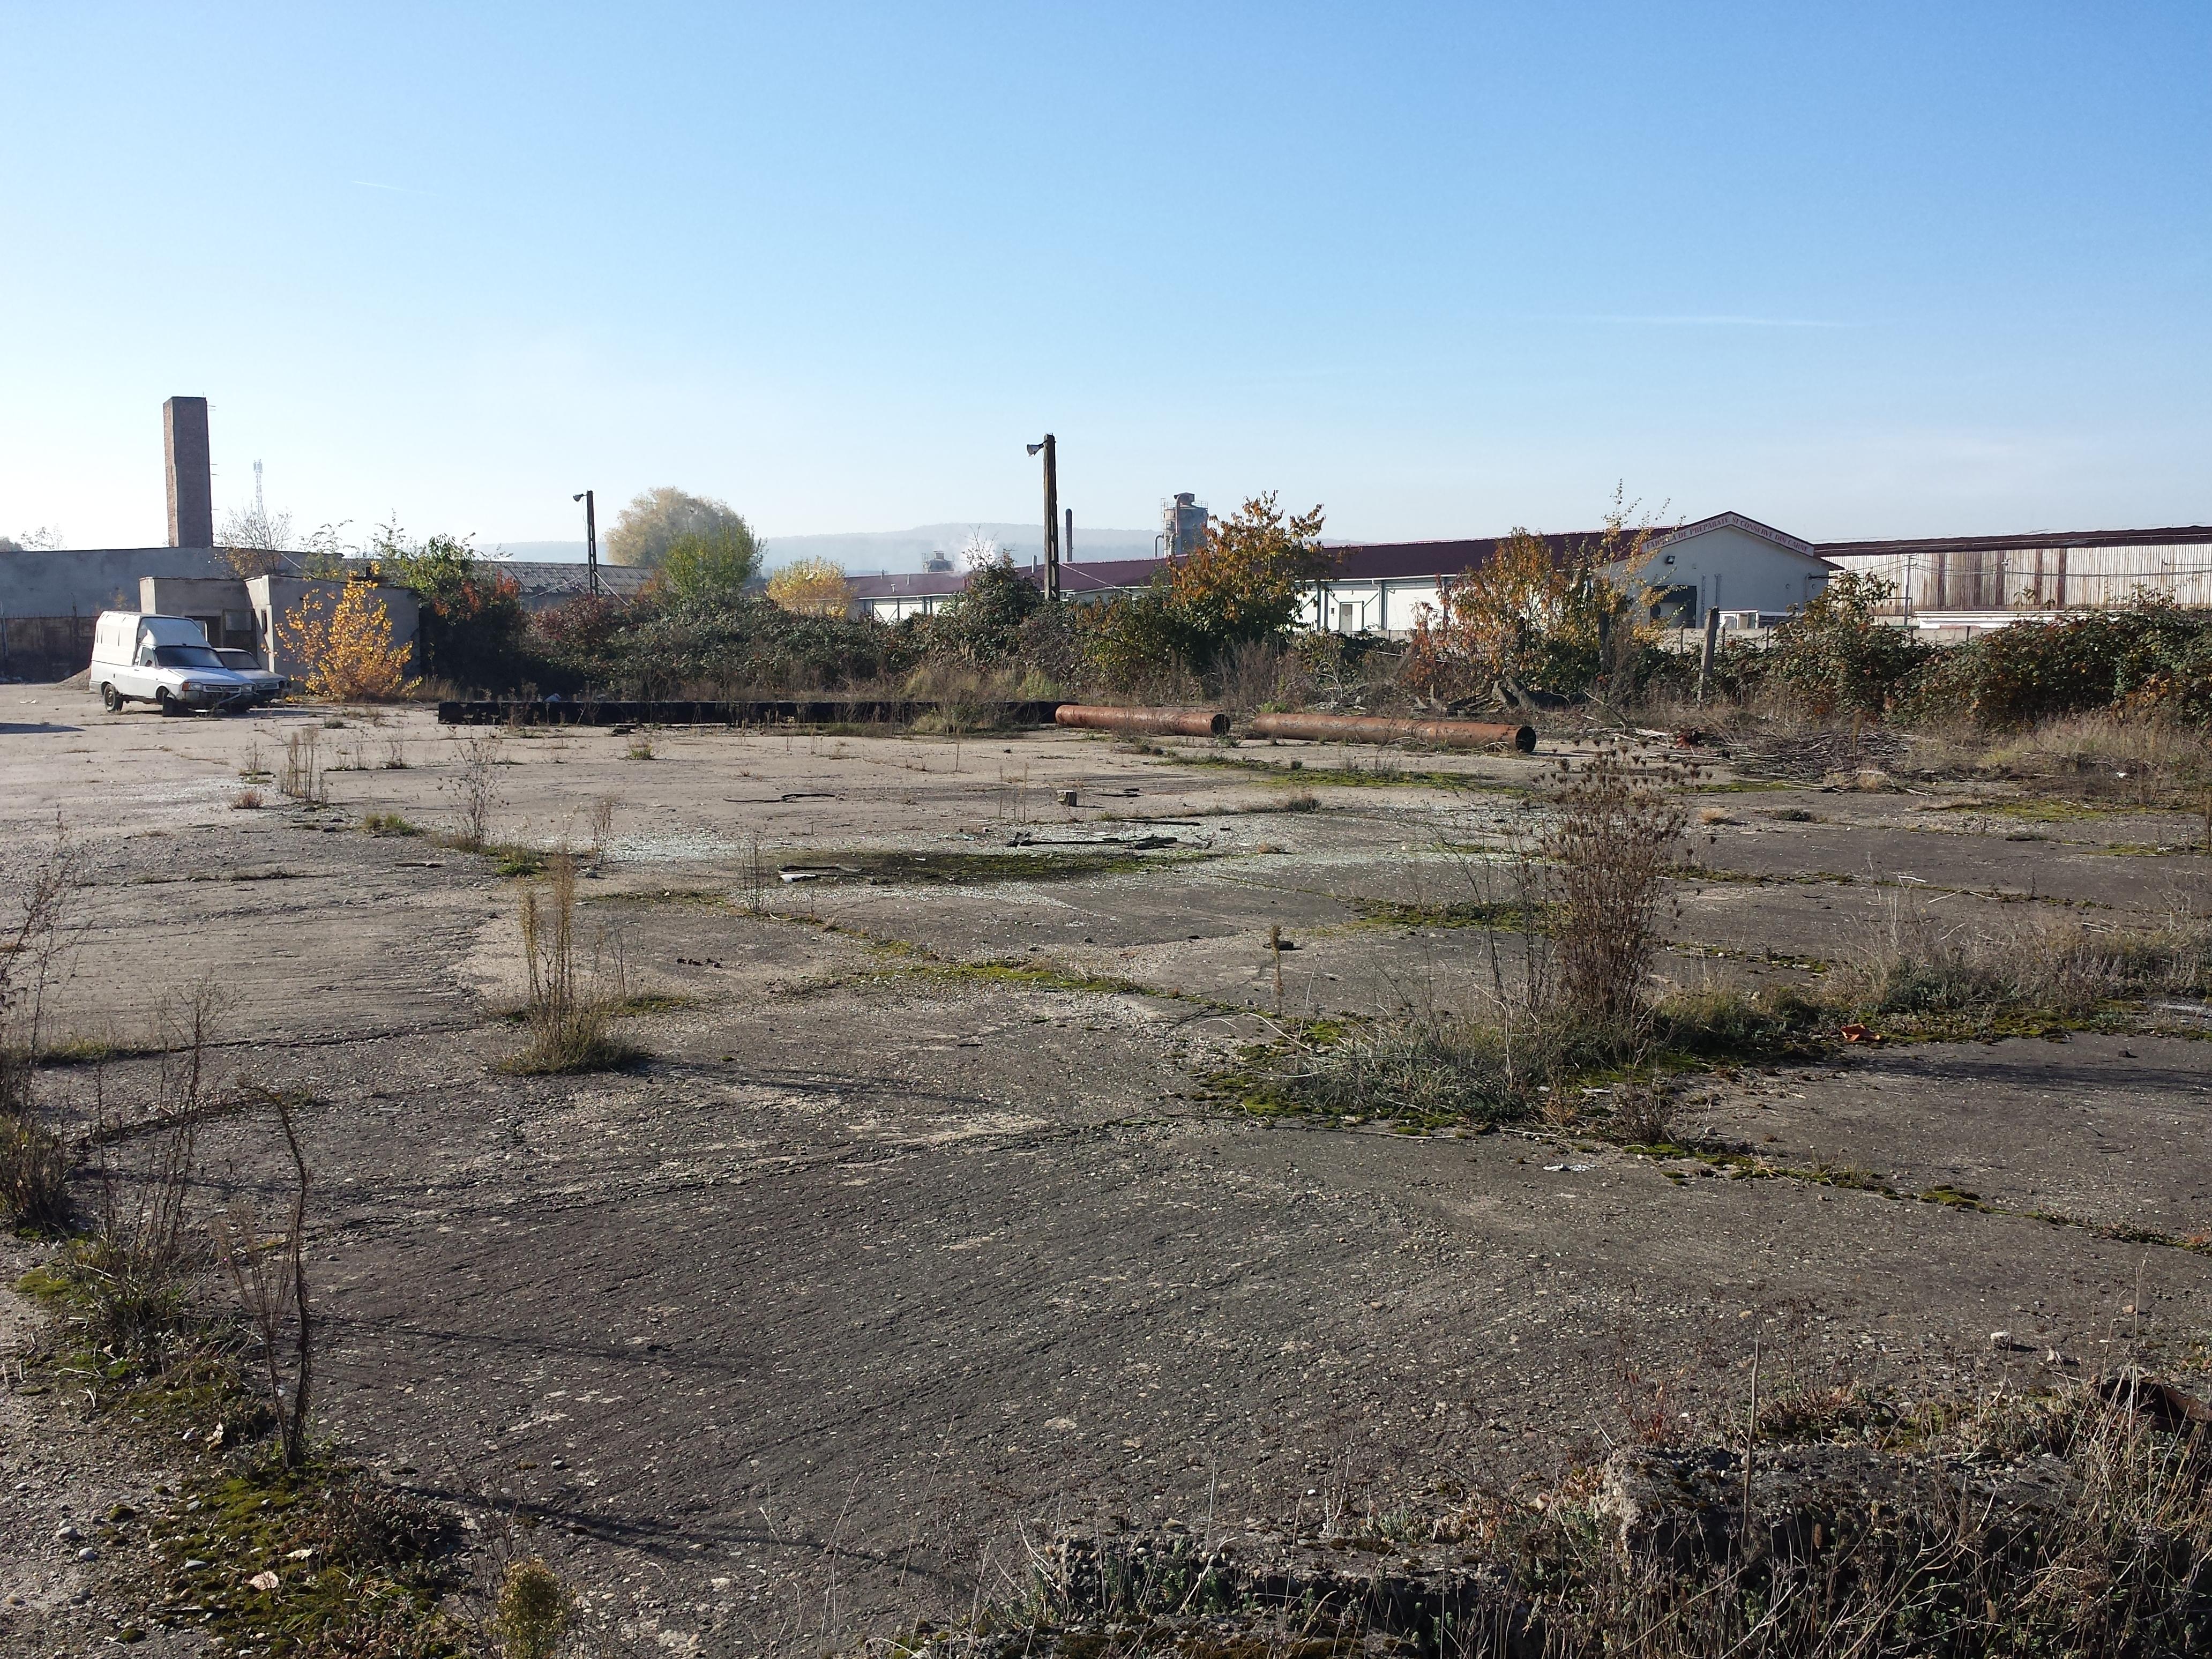 Amplasament Industrial - Crișeni - teren în suprafață de 27.834 mp cu construcțiile aferente